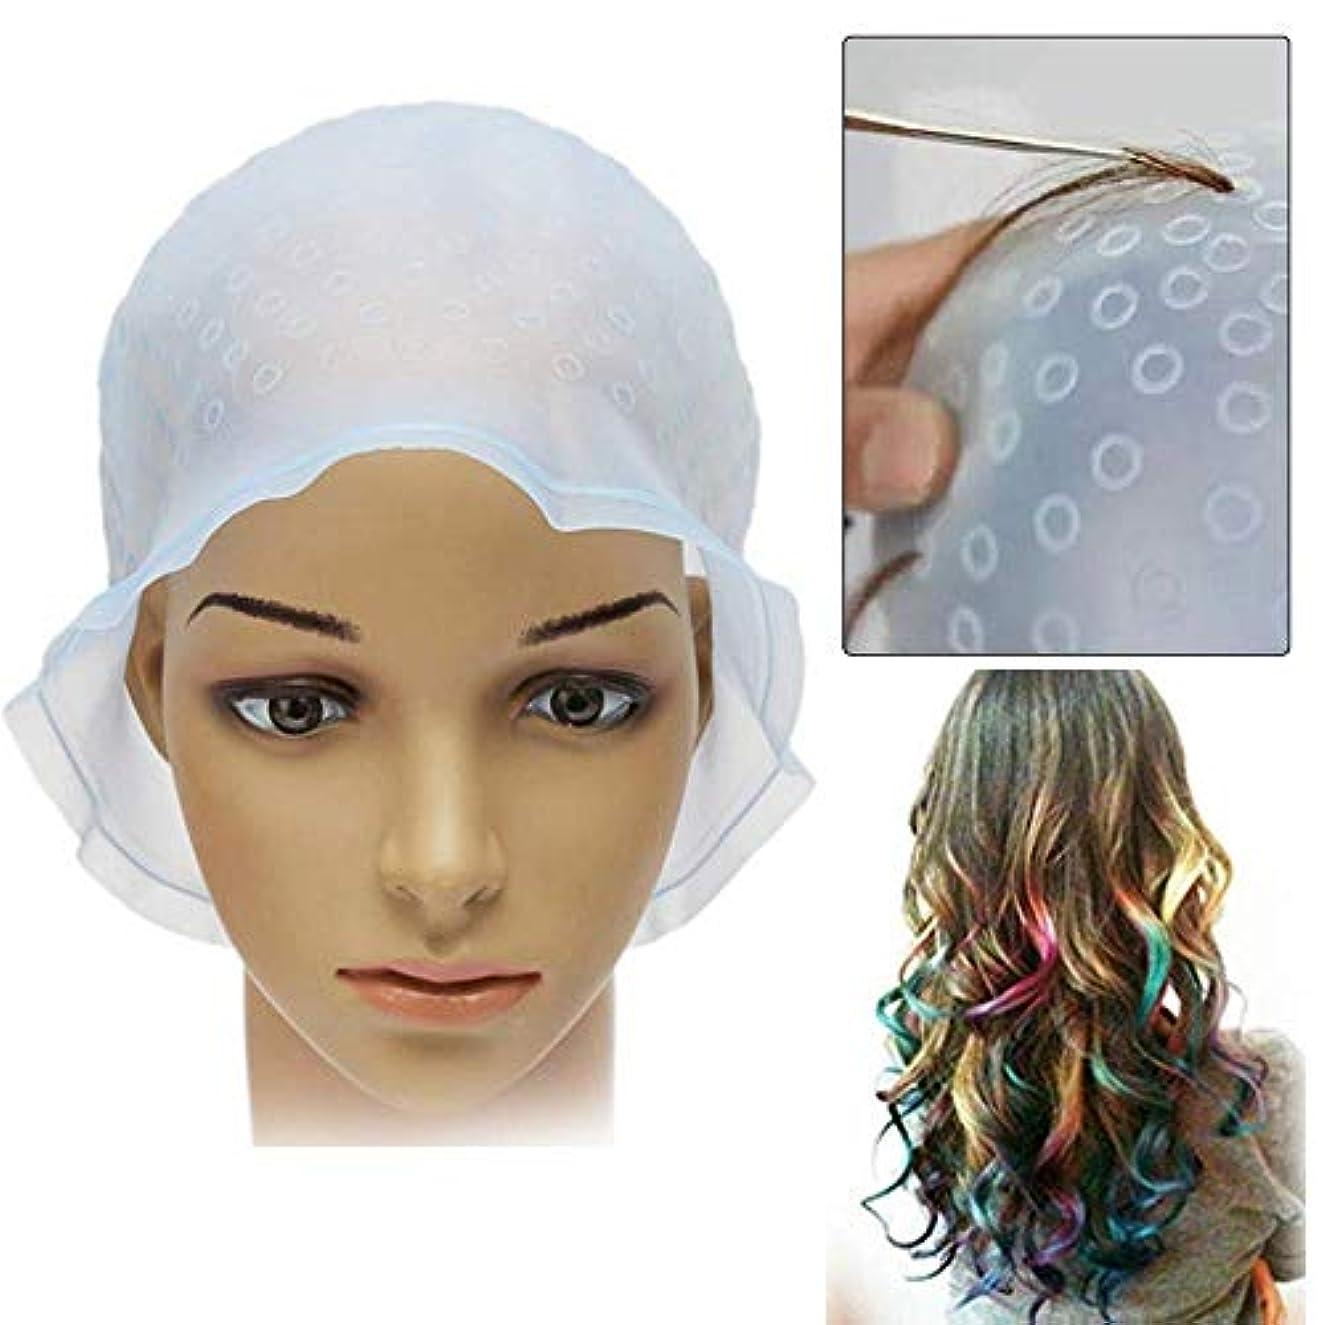 人質平衡高い毛染め メッシュキャップ ヘアカラー 髪 シリコン素材 カラーリング 不要な染めを避ける 洗って使える 透明 ハイライトキャップ ブリーチ